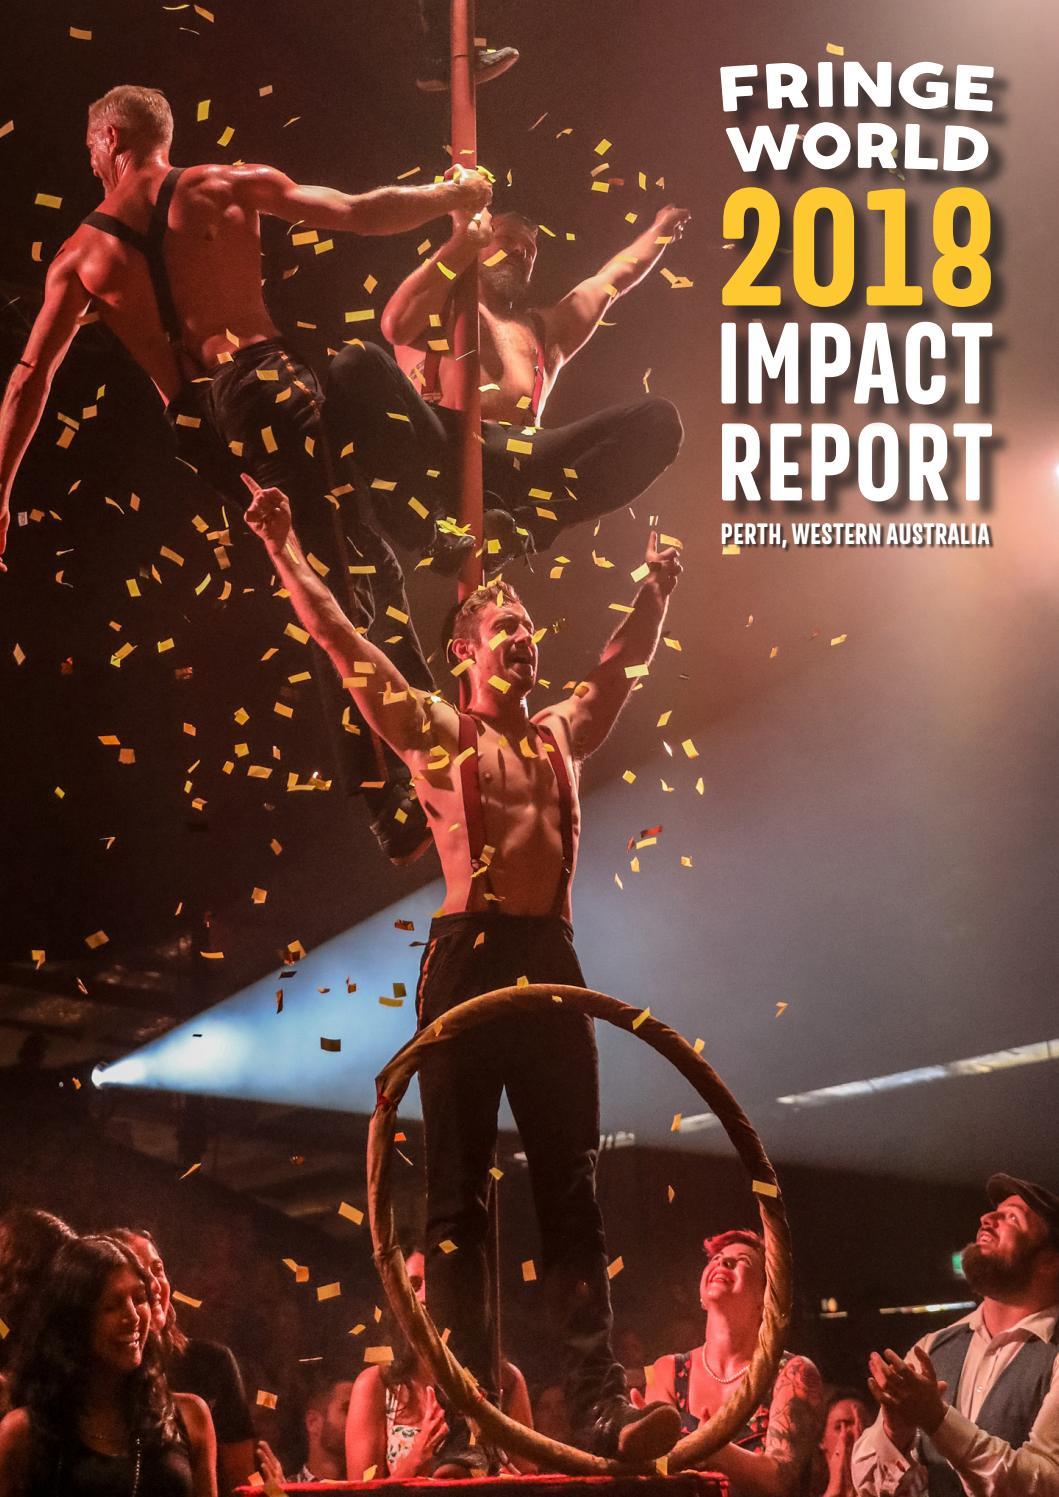 FRINGE WORLD Festival 2018 Impact Report by Fringe World